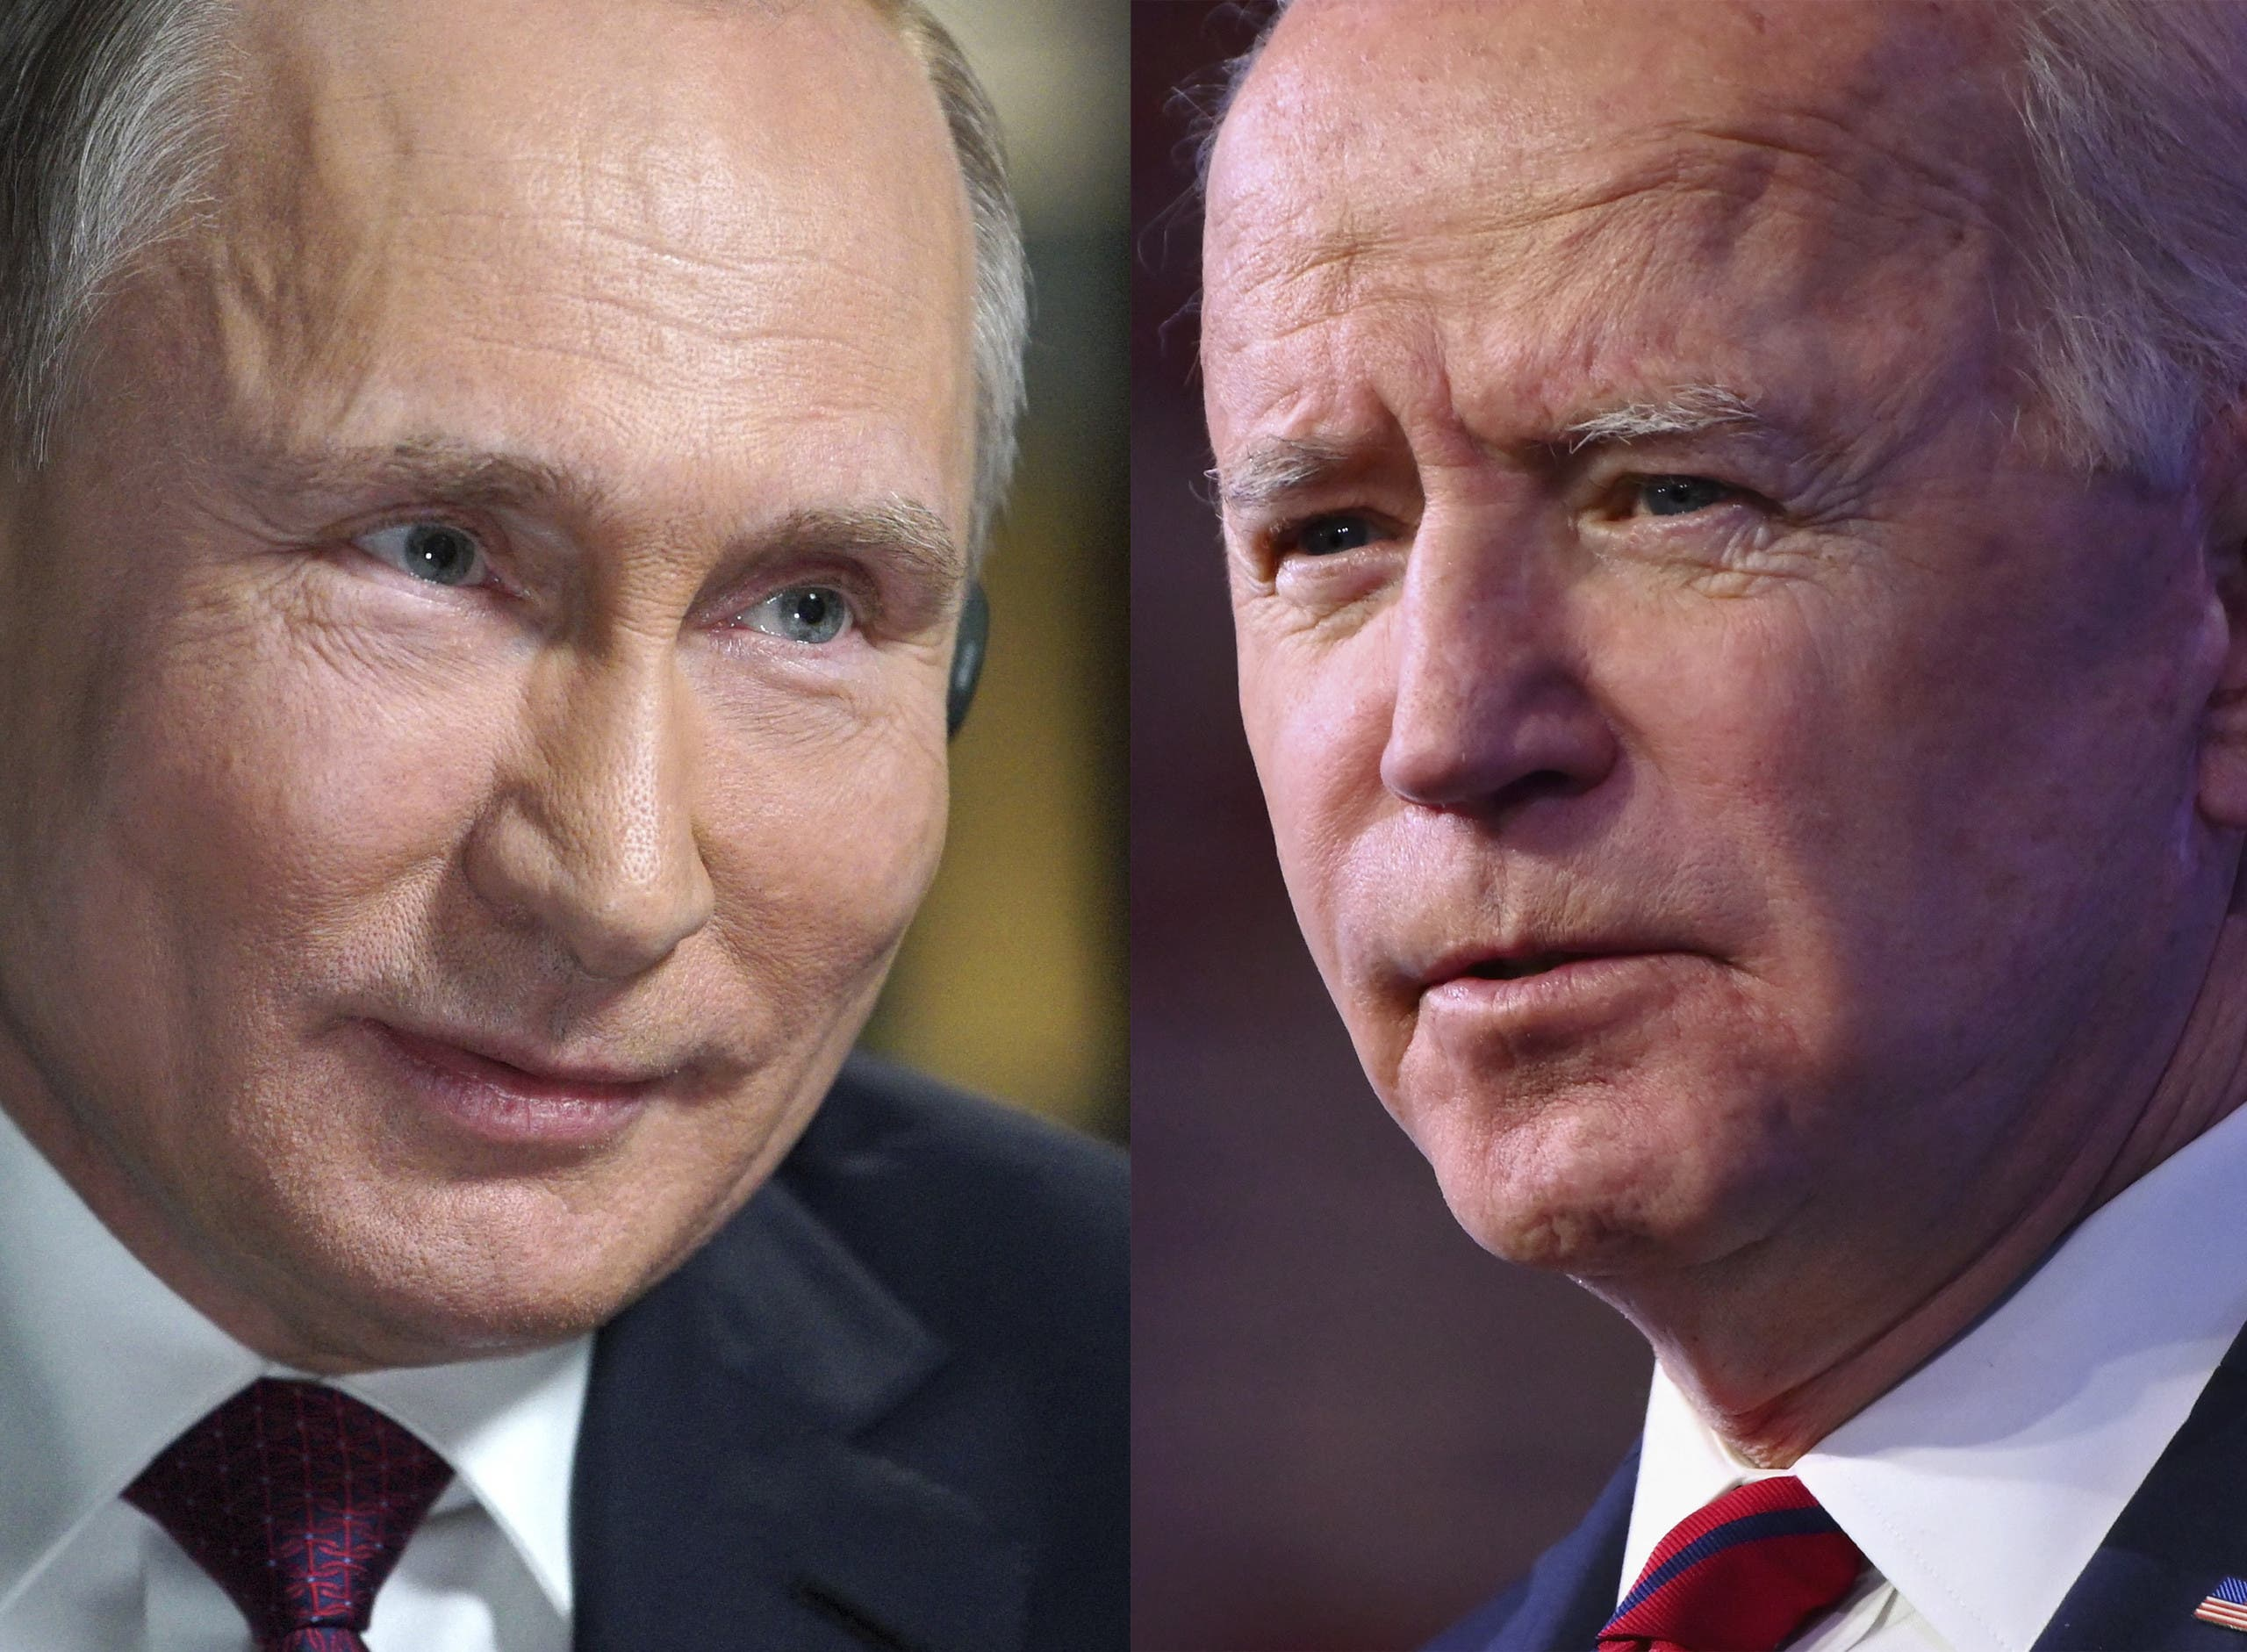 Kremlin: We don't expect an agreement with Biden, but talks make sense